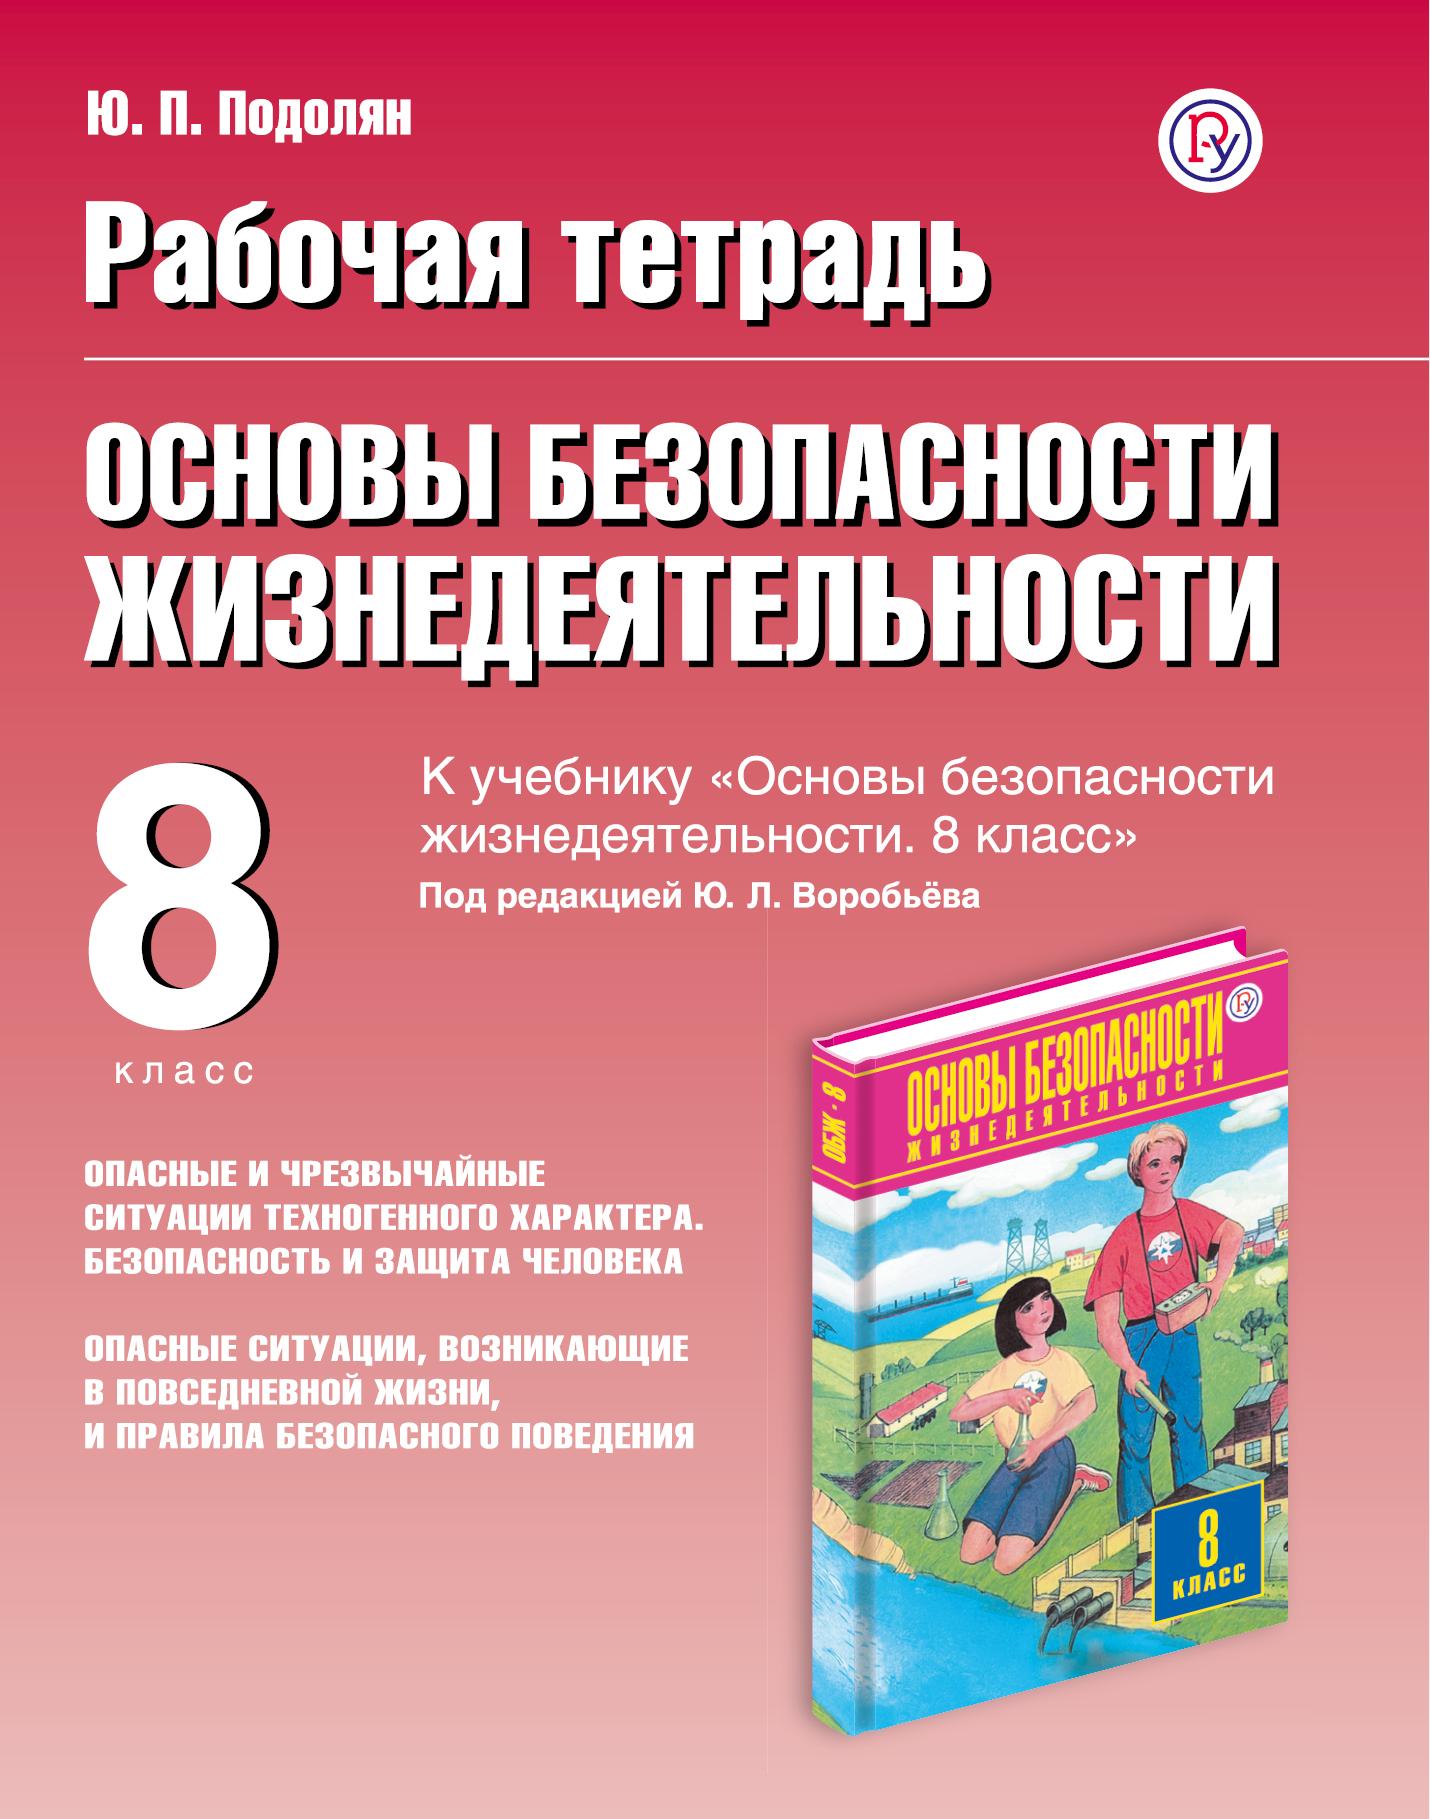 Основы безопасности жизнедеятельности. 8 класс. Рабочая тетрадь ( Подолян Ю.П.  )